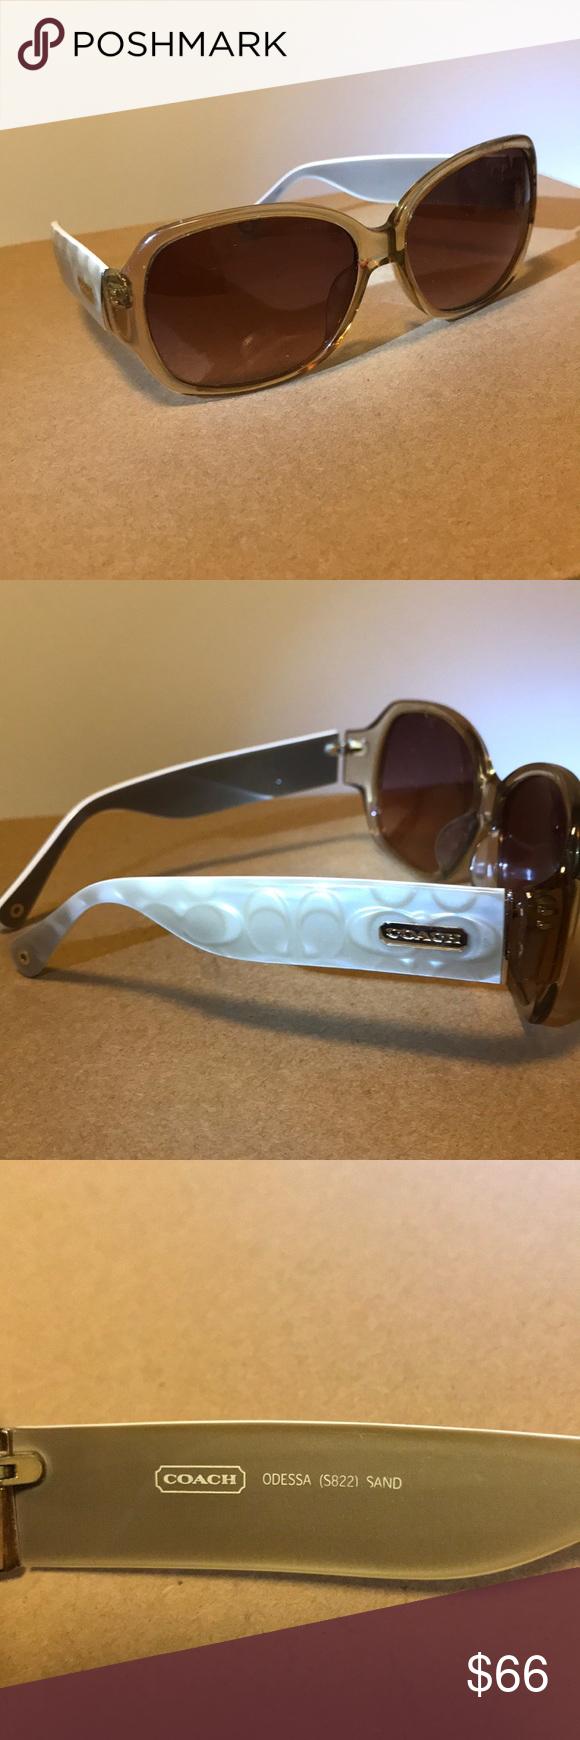 c18a91ed58eb Coach Woman's Sunglasses Beige/ Cream Coach Woman's Sunglasses ODESSA  (5822) Sand / Monogram Sides Gold Coach Details Original Case Not Available  Coach ...